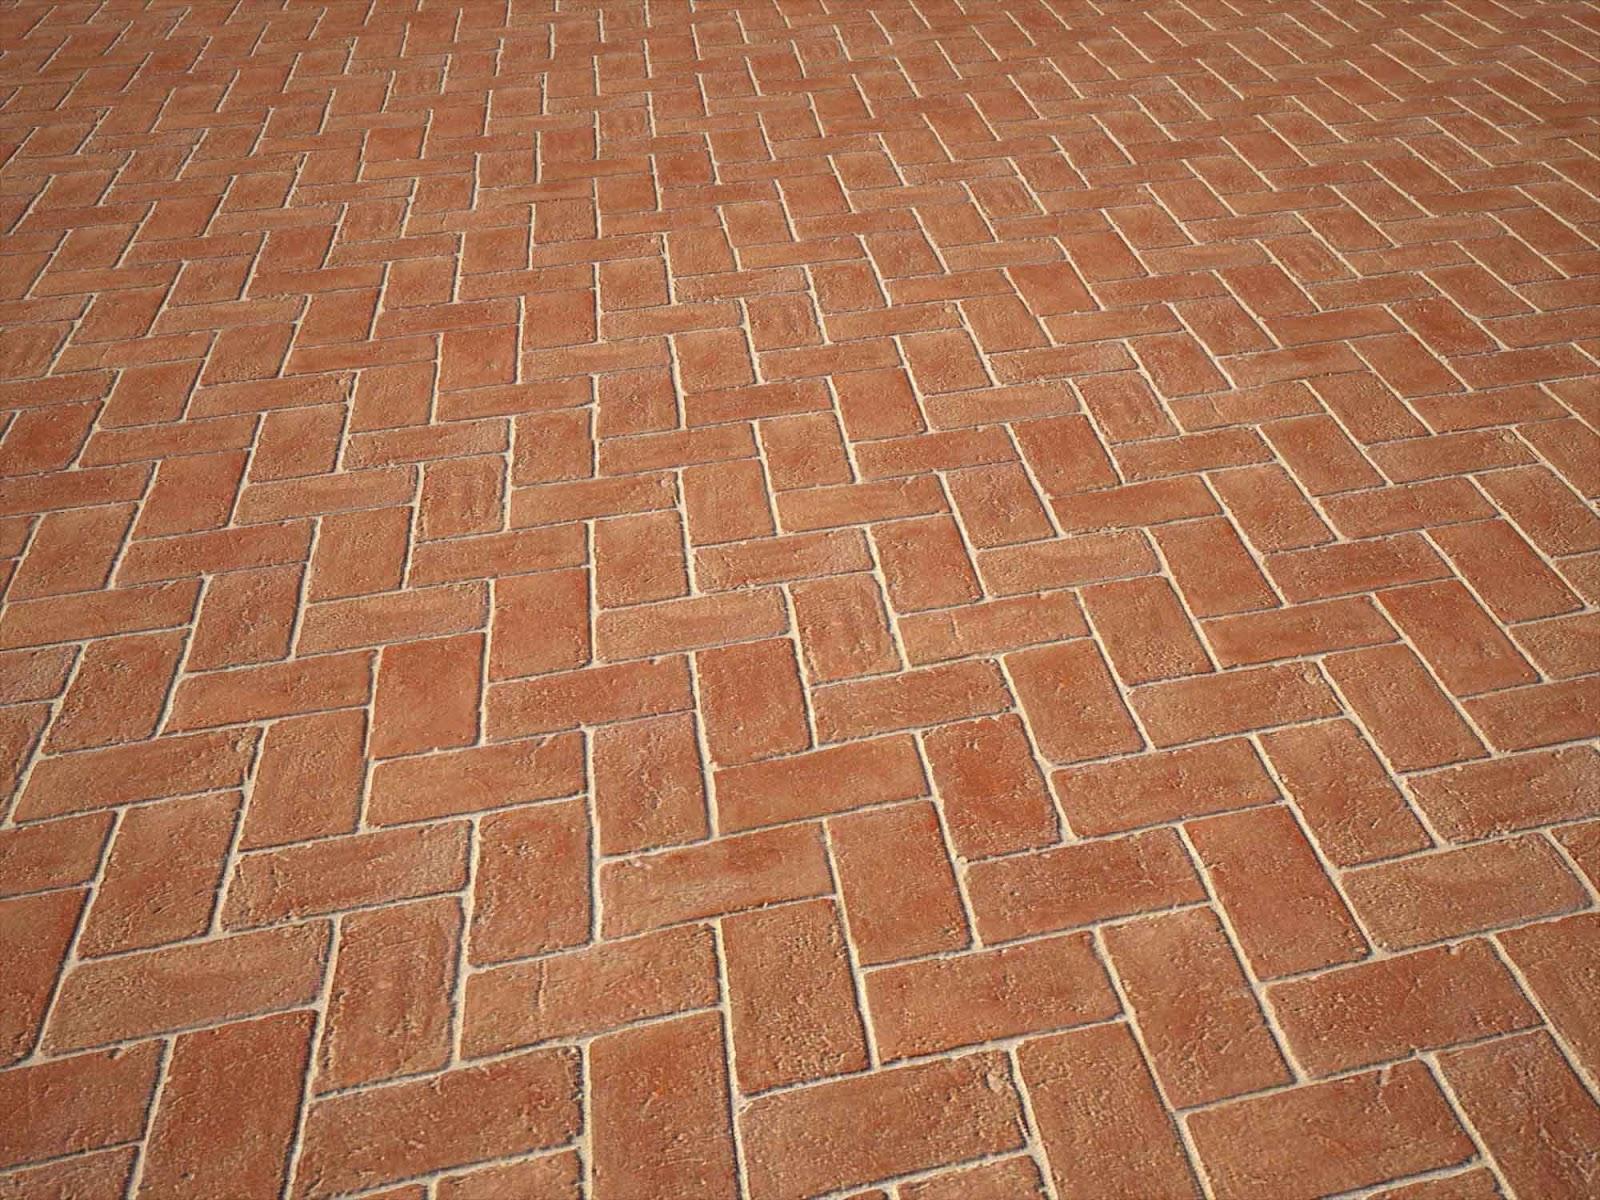 Pavimento in klinker ceramico: klinker per pavimenti e rivestimenti